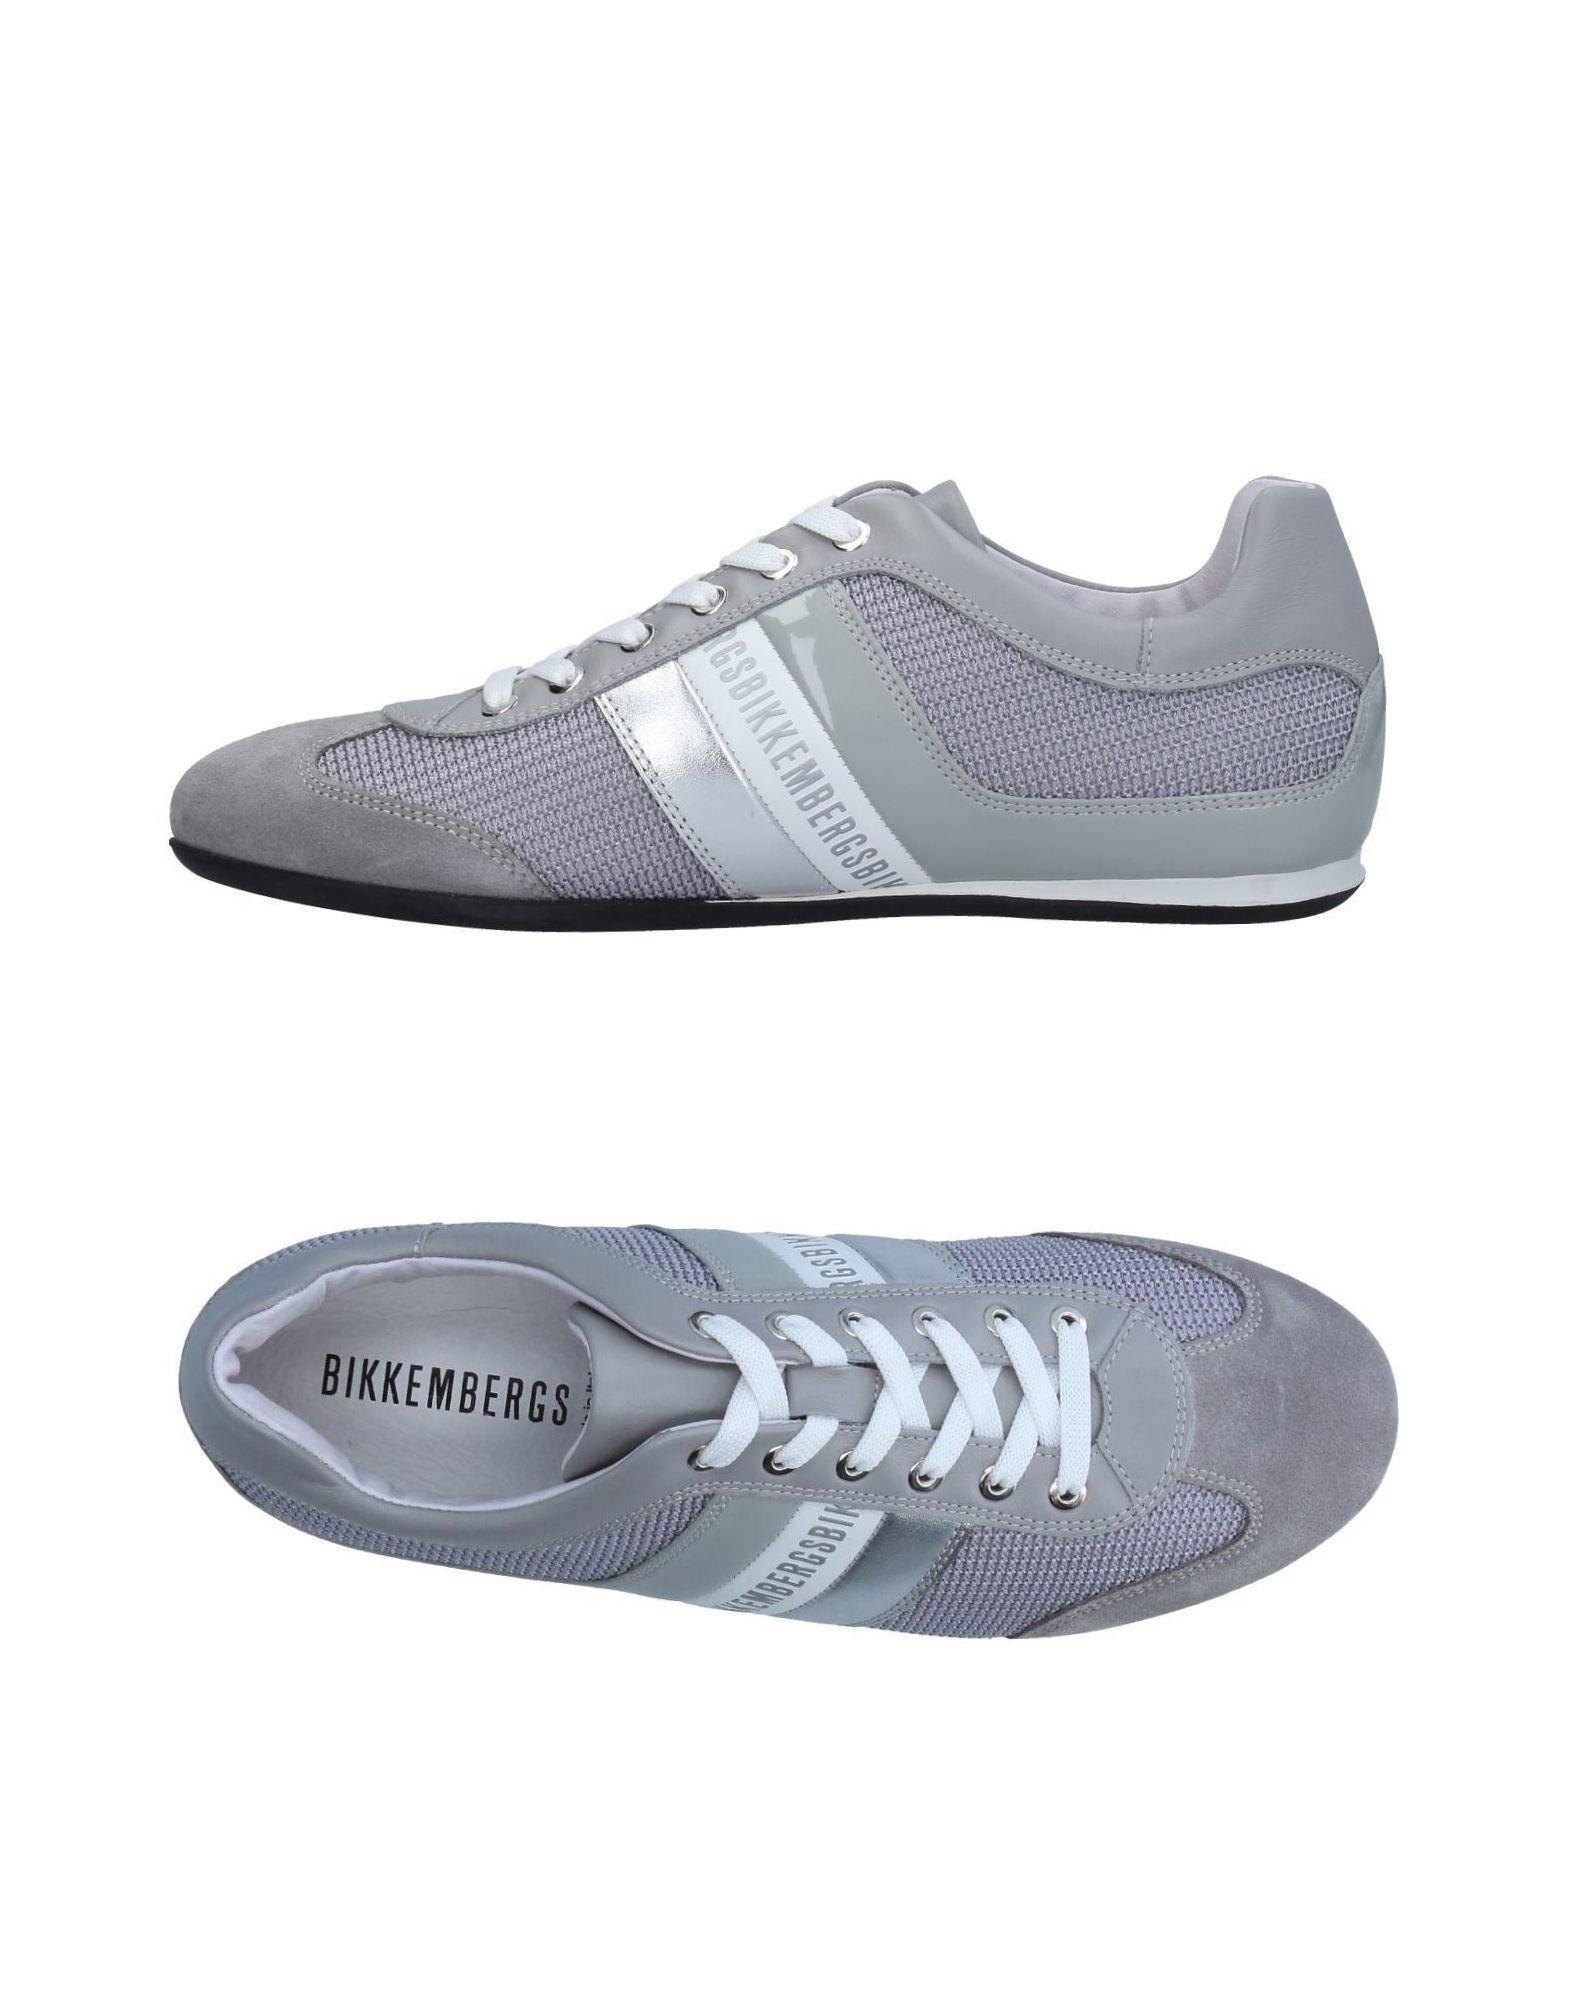 Bikkembergs Sneakers Herren  11333341VO Gute Qualität beliebte Schuhe